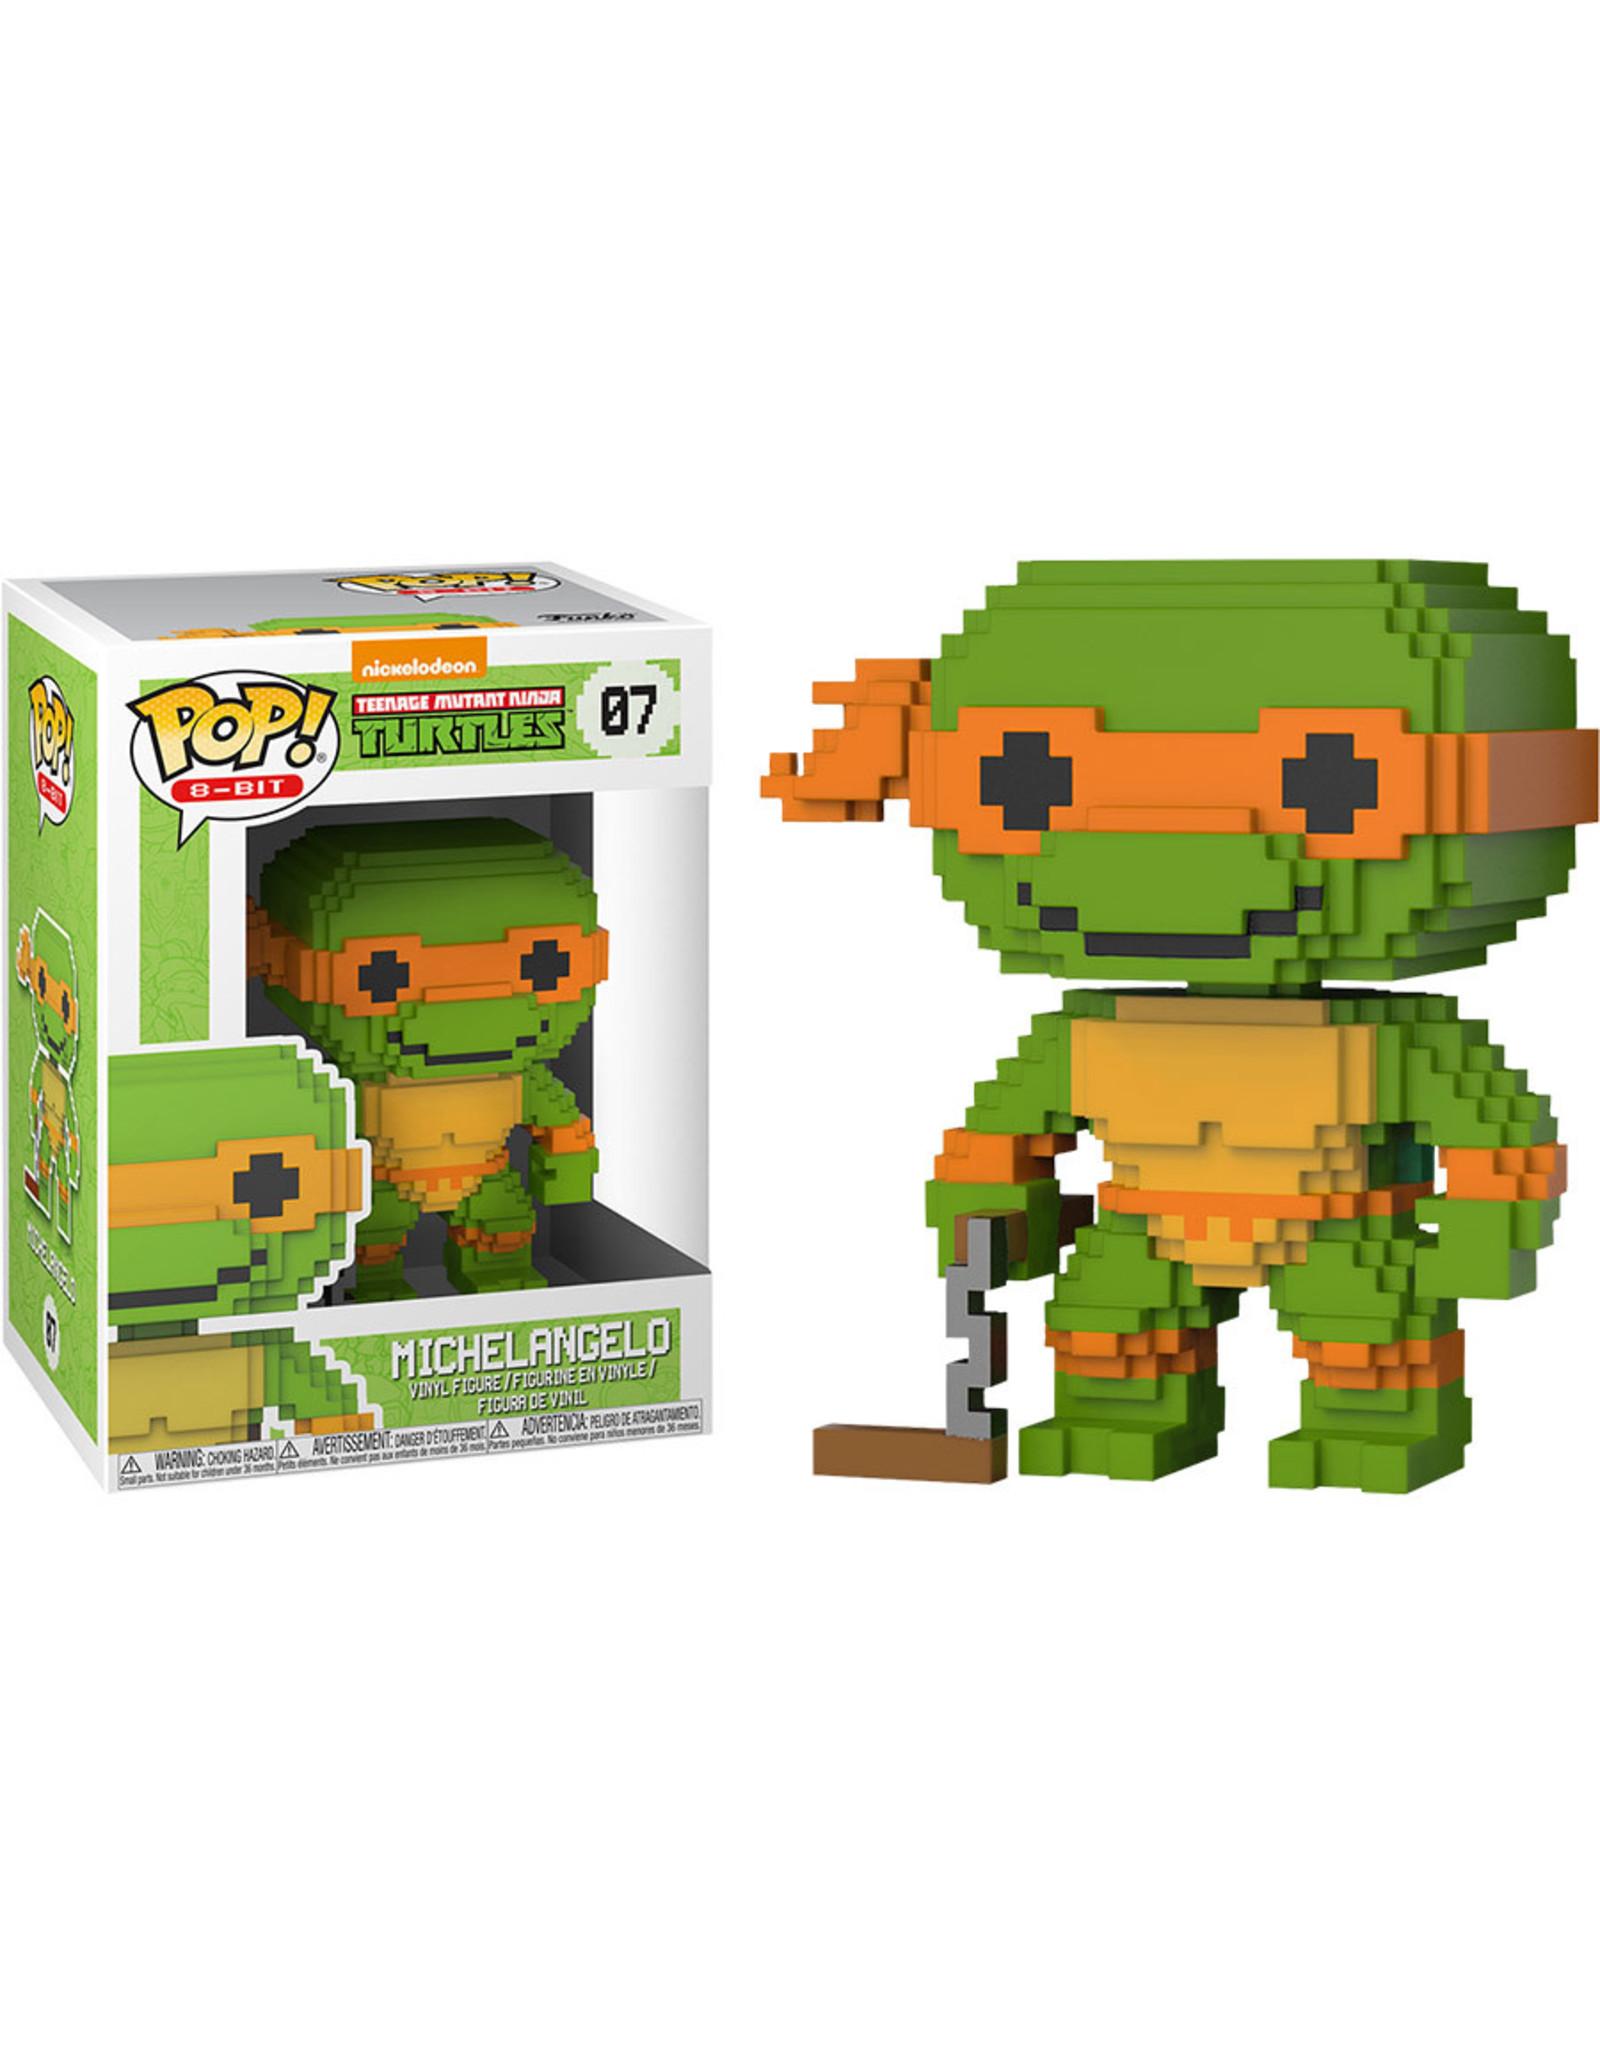 Funko Pop! Funko Pop! 8-bit nr007 TMNT - Michelangelo